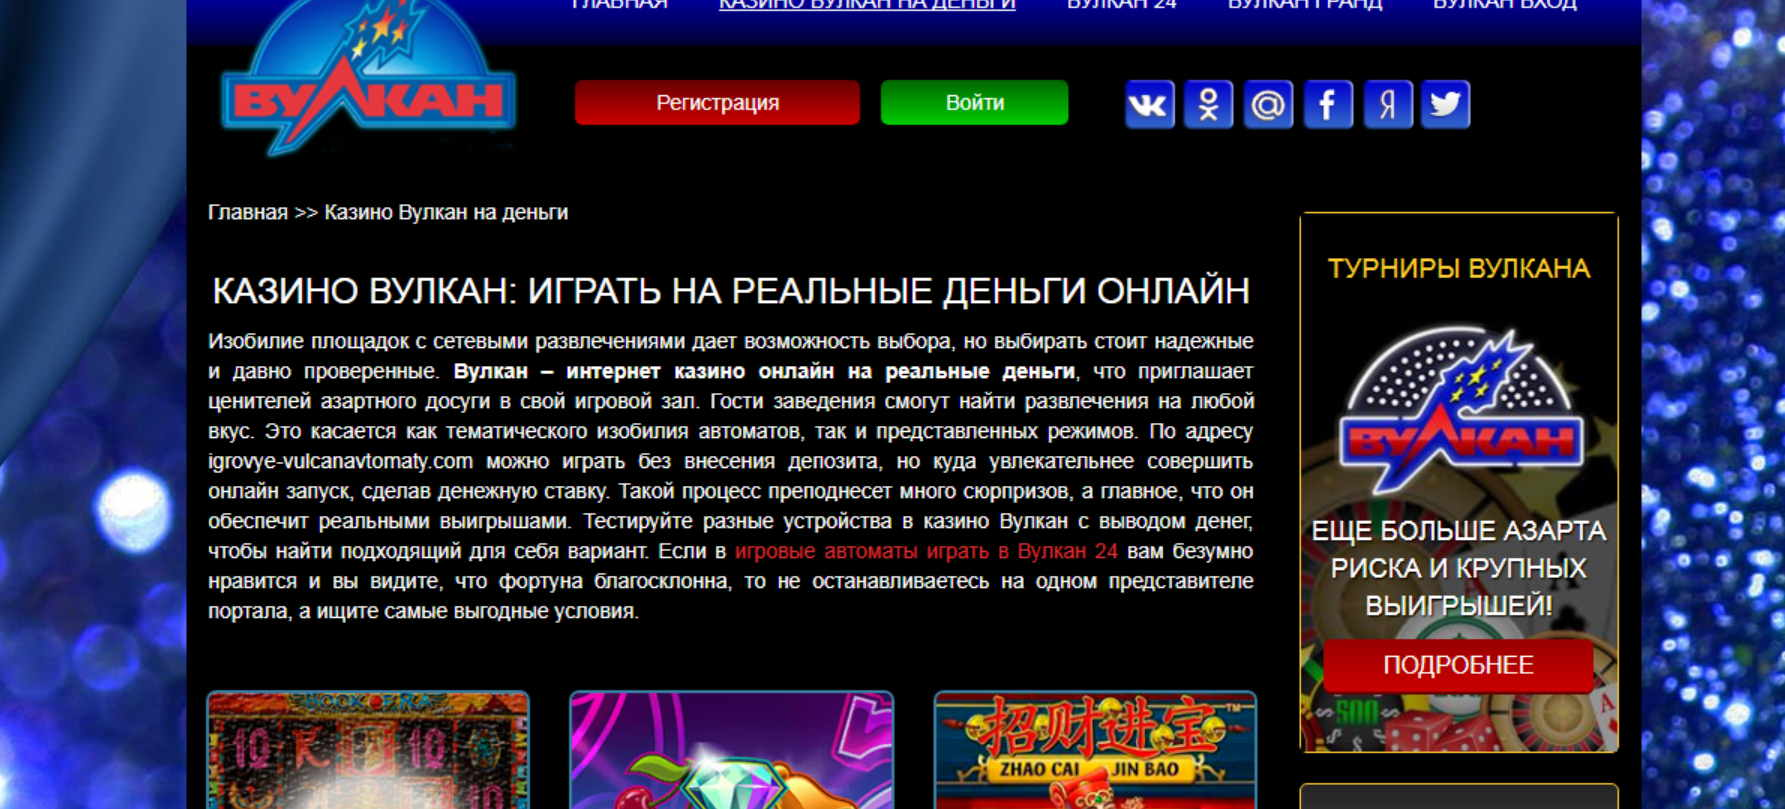 Есплатные азартные игры онлайн демо